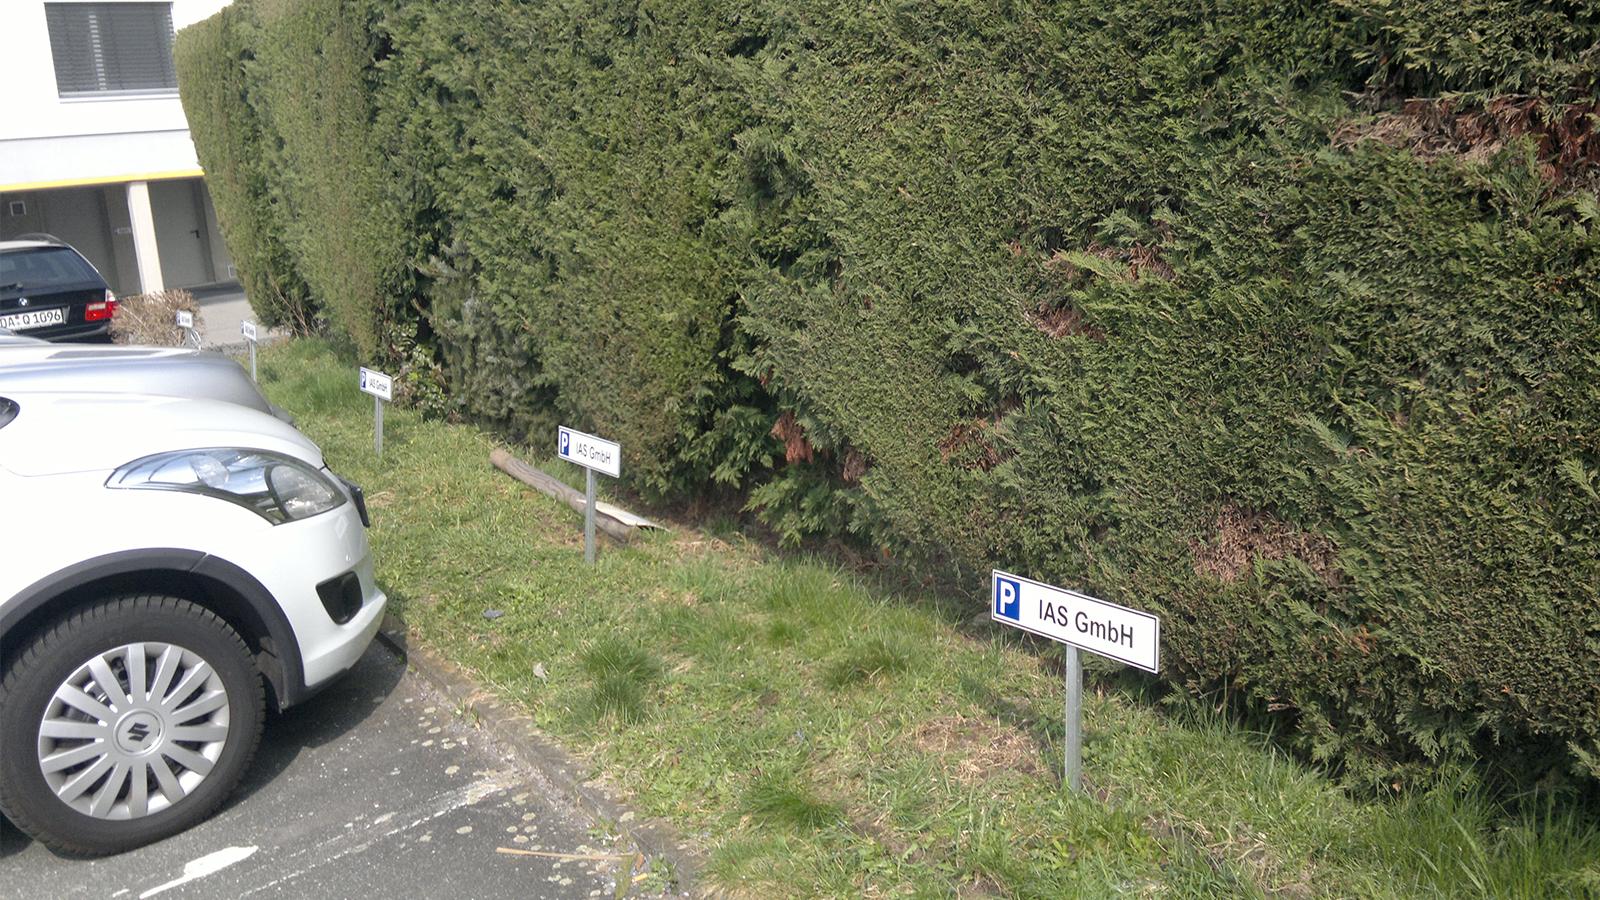 Parkplatzschilder mit T-Stahl